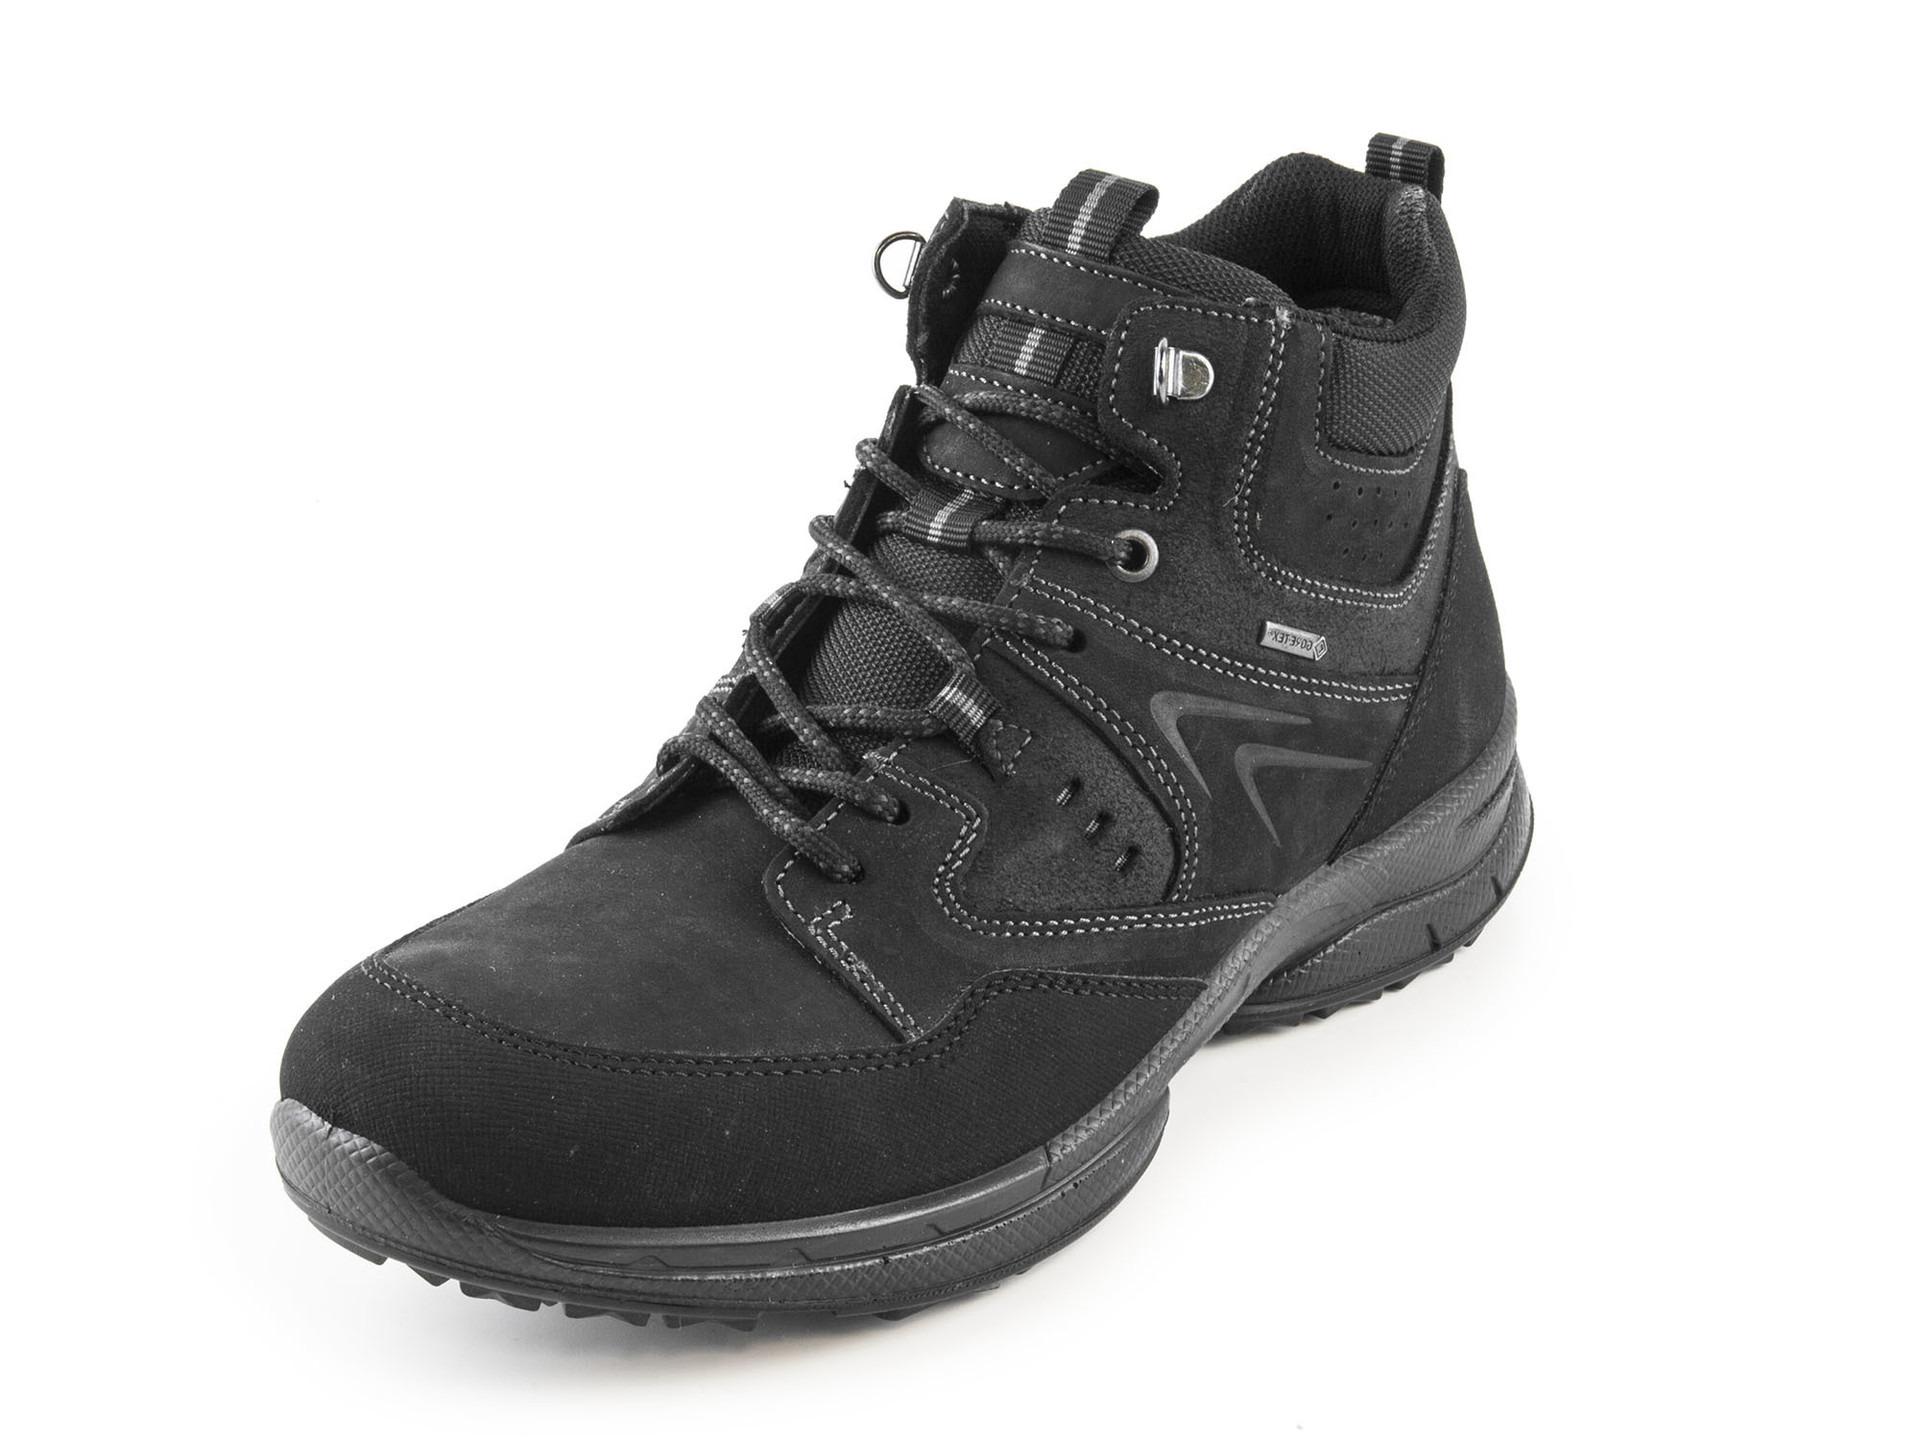 3bdd1ebd7a76 ARA - Zimná - Ara men pánska Gore-texová obuv